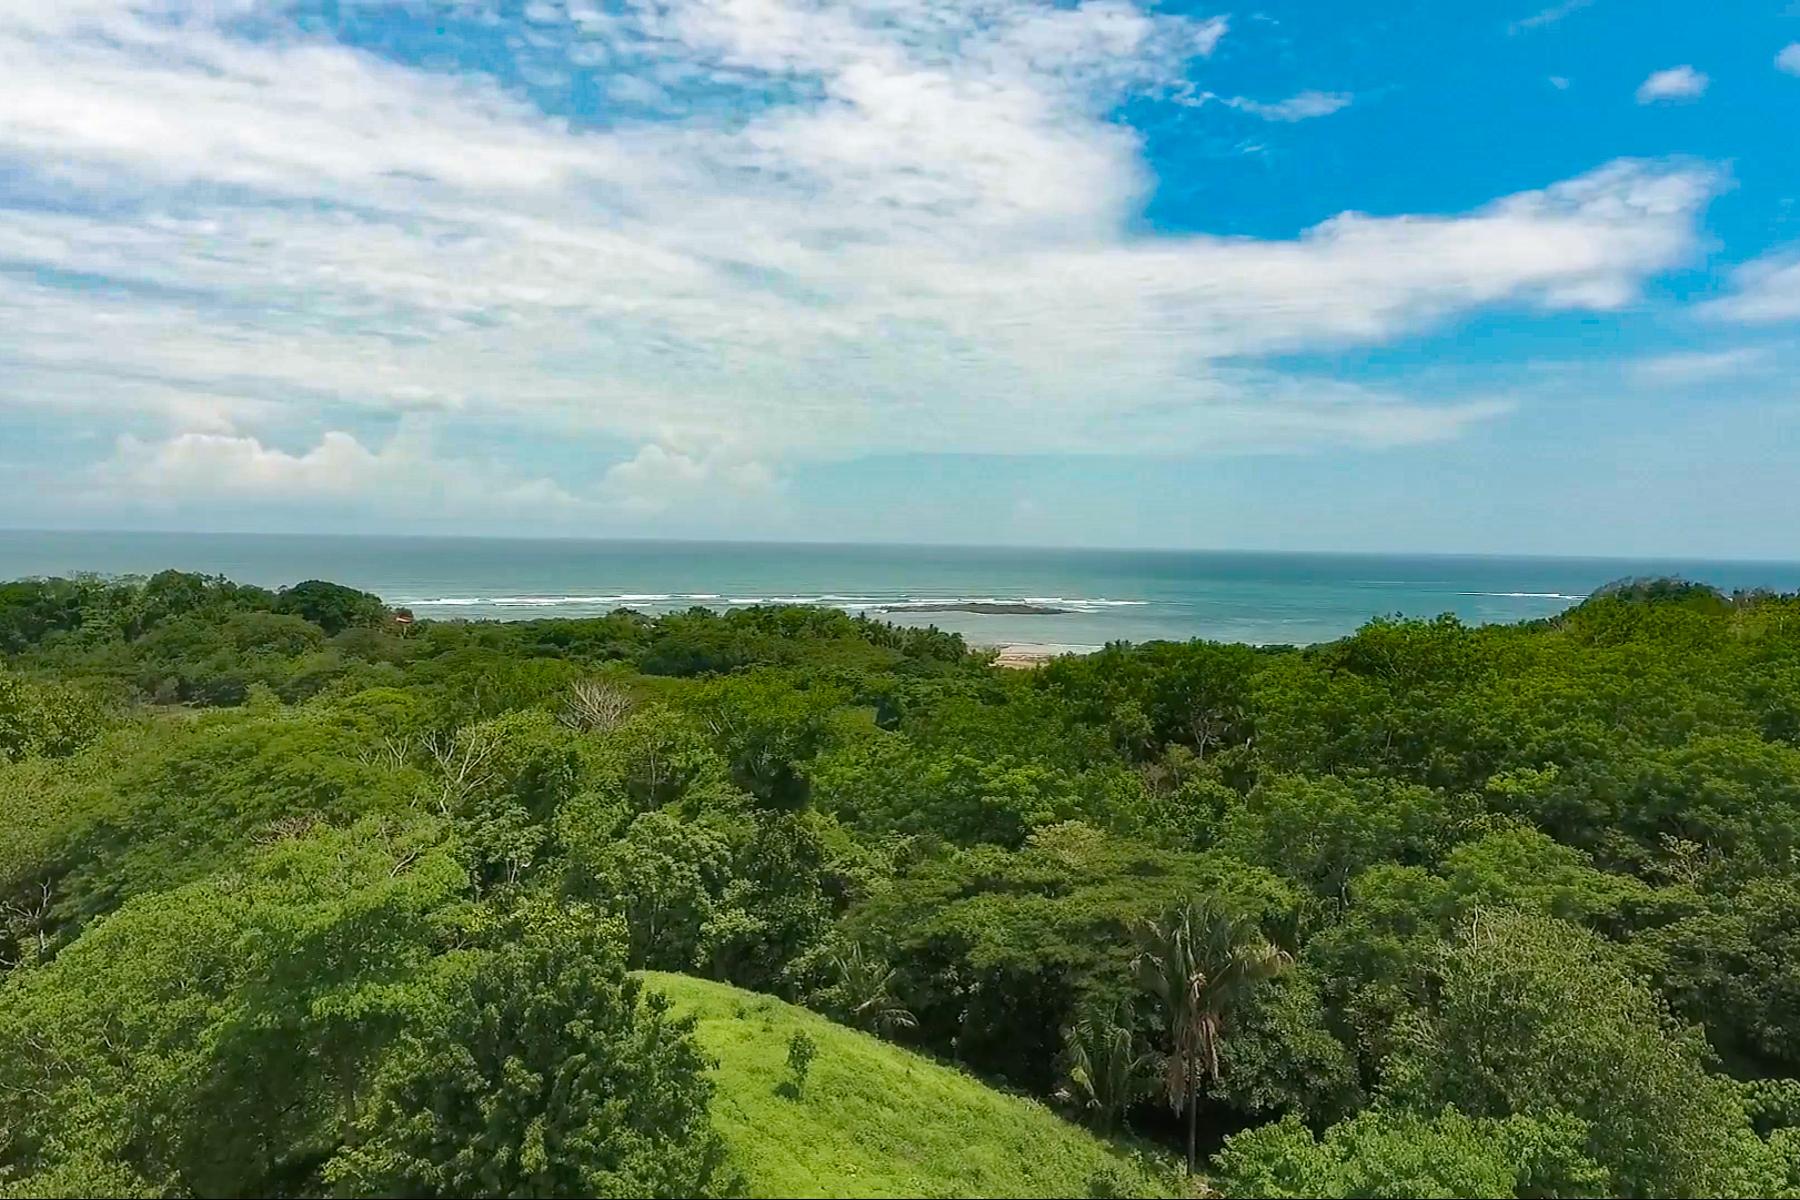 토지 용 매매 에 Developer´s Ocean View Dream Site Other Puntarenas, 푼타레나스 코스타리카